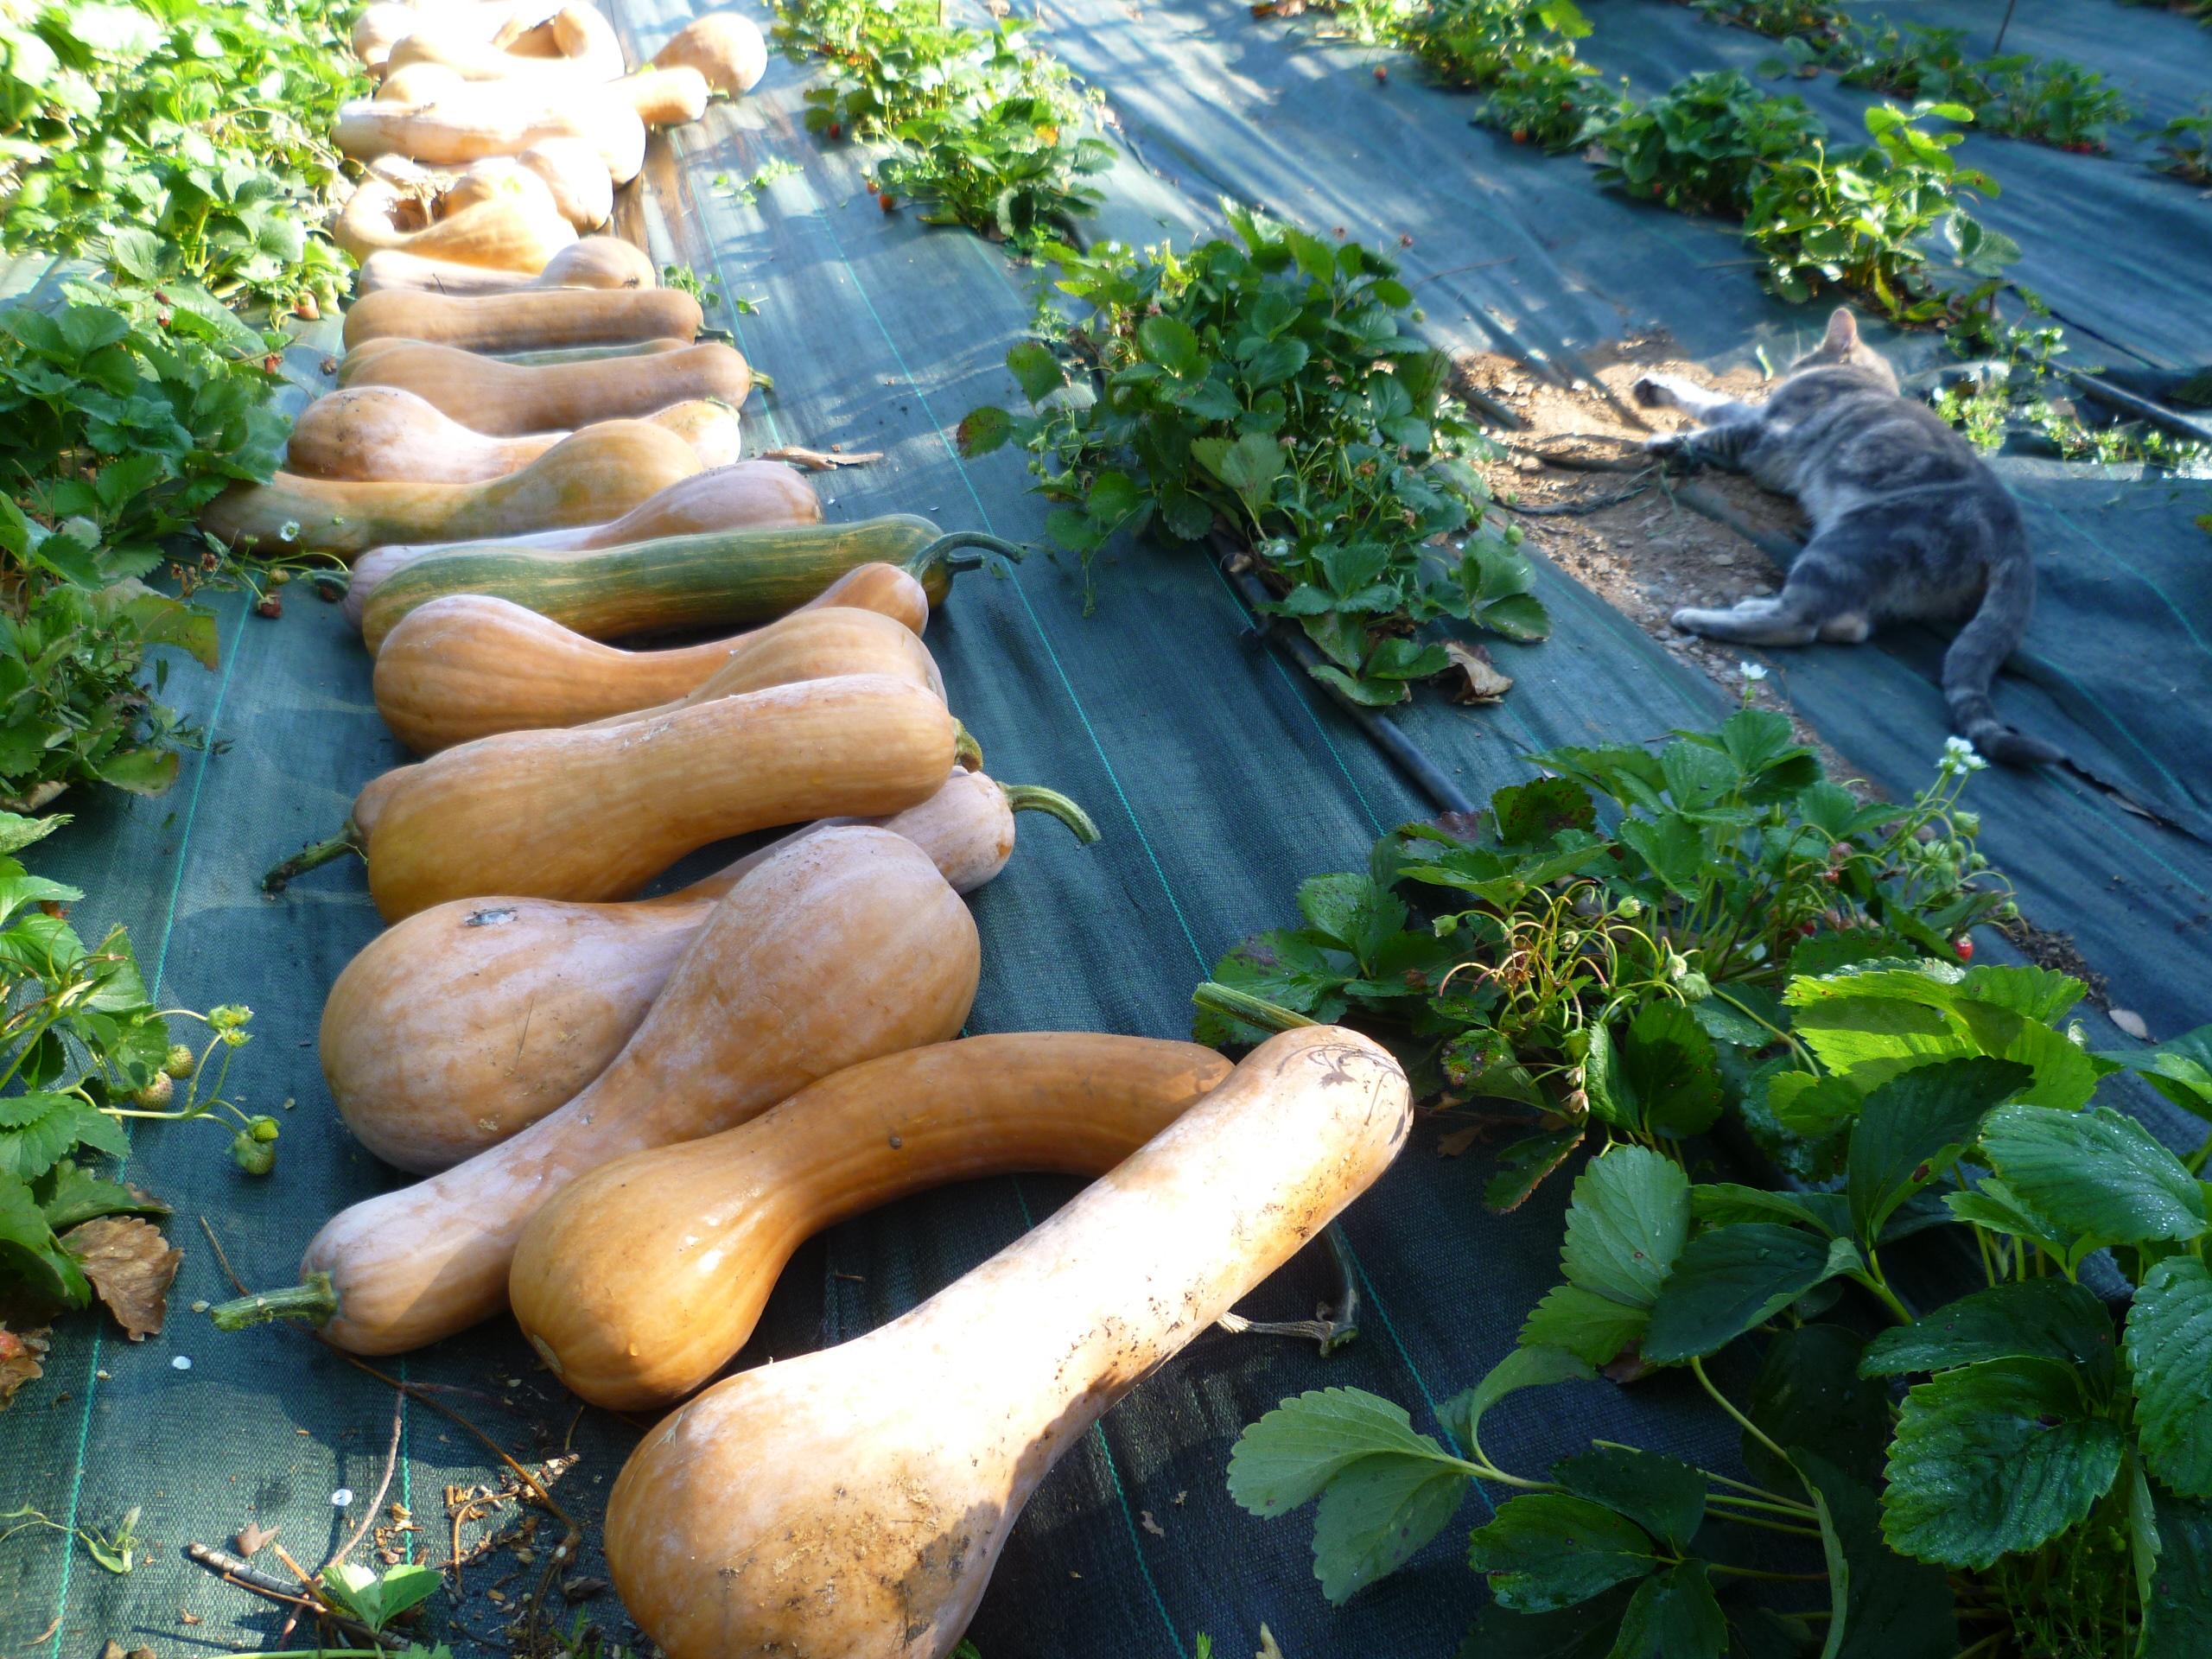 Chambre d'hote La Maison de Nathalie Location de vacances var Provence Cote d'Azur jardin potager bio